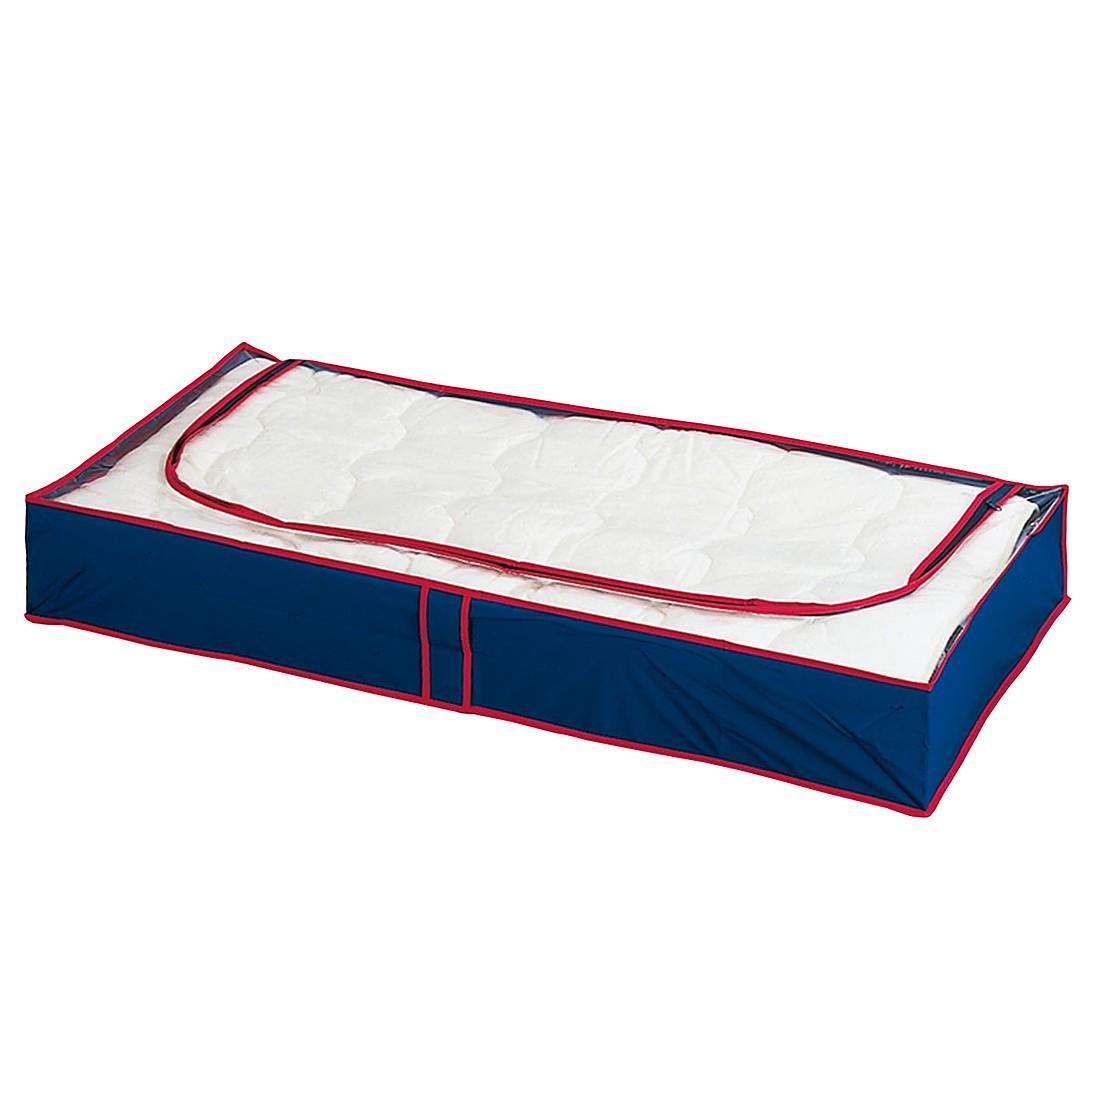 Wenko kairo 15738100 set bagno esclusivo plastica prezzo - Contenitore sottoletto ...